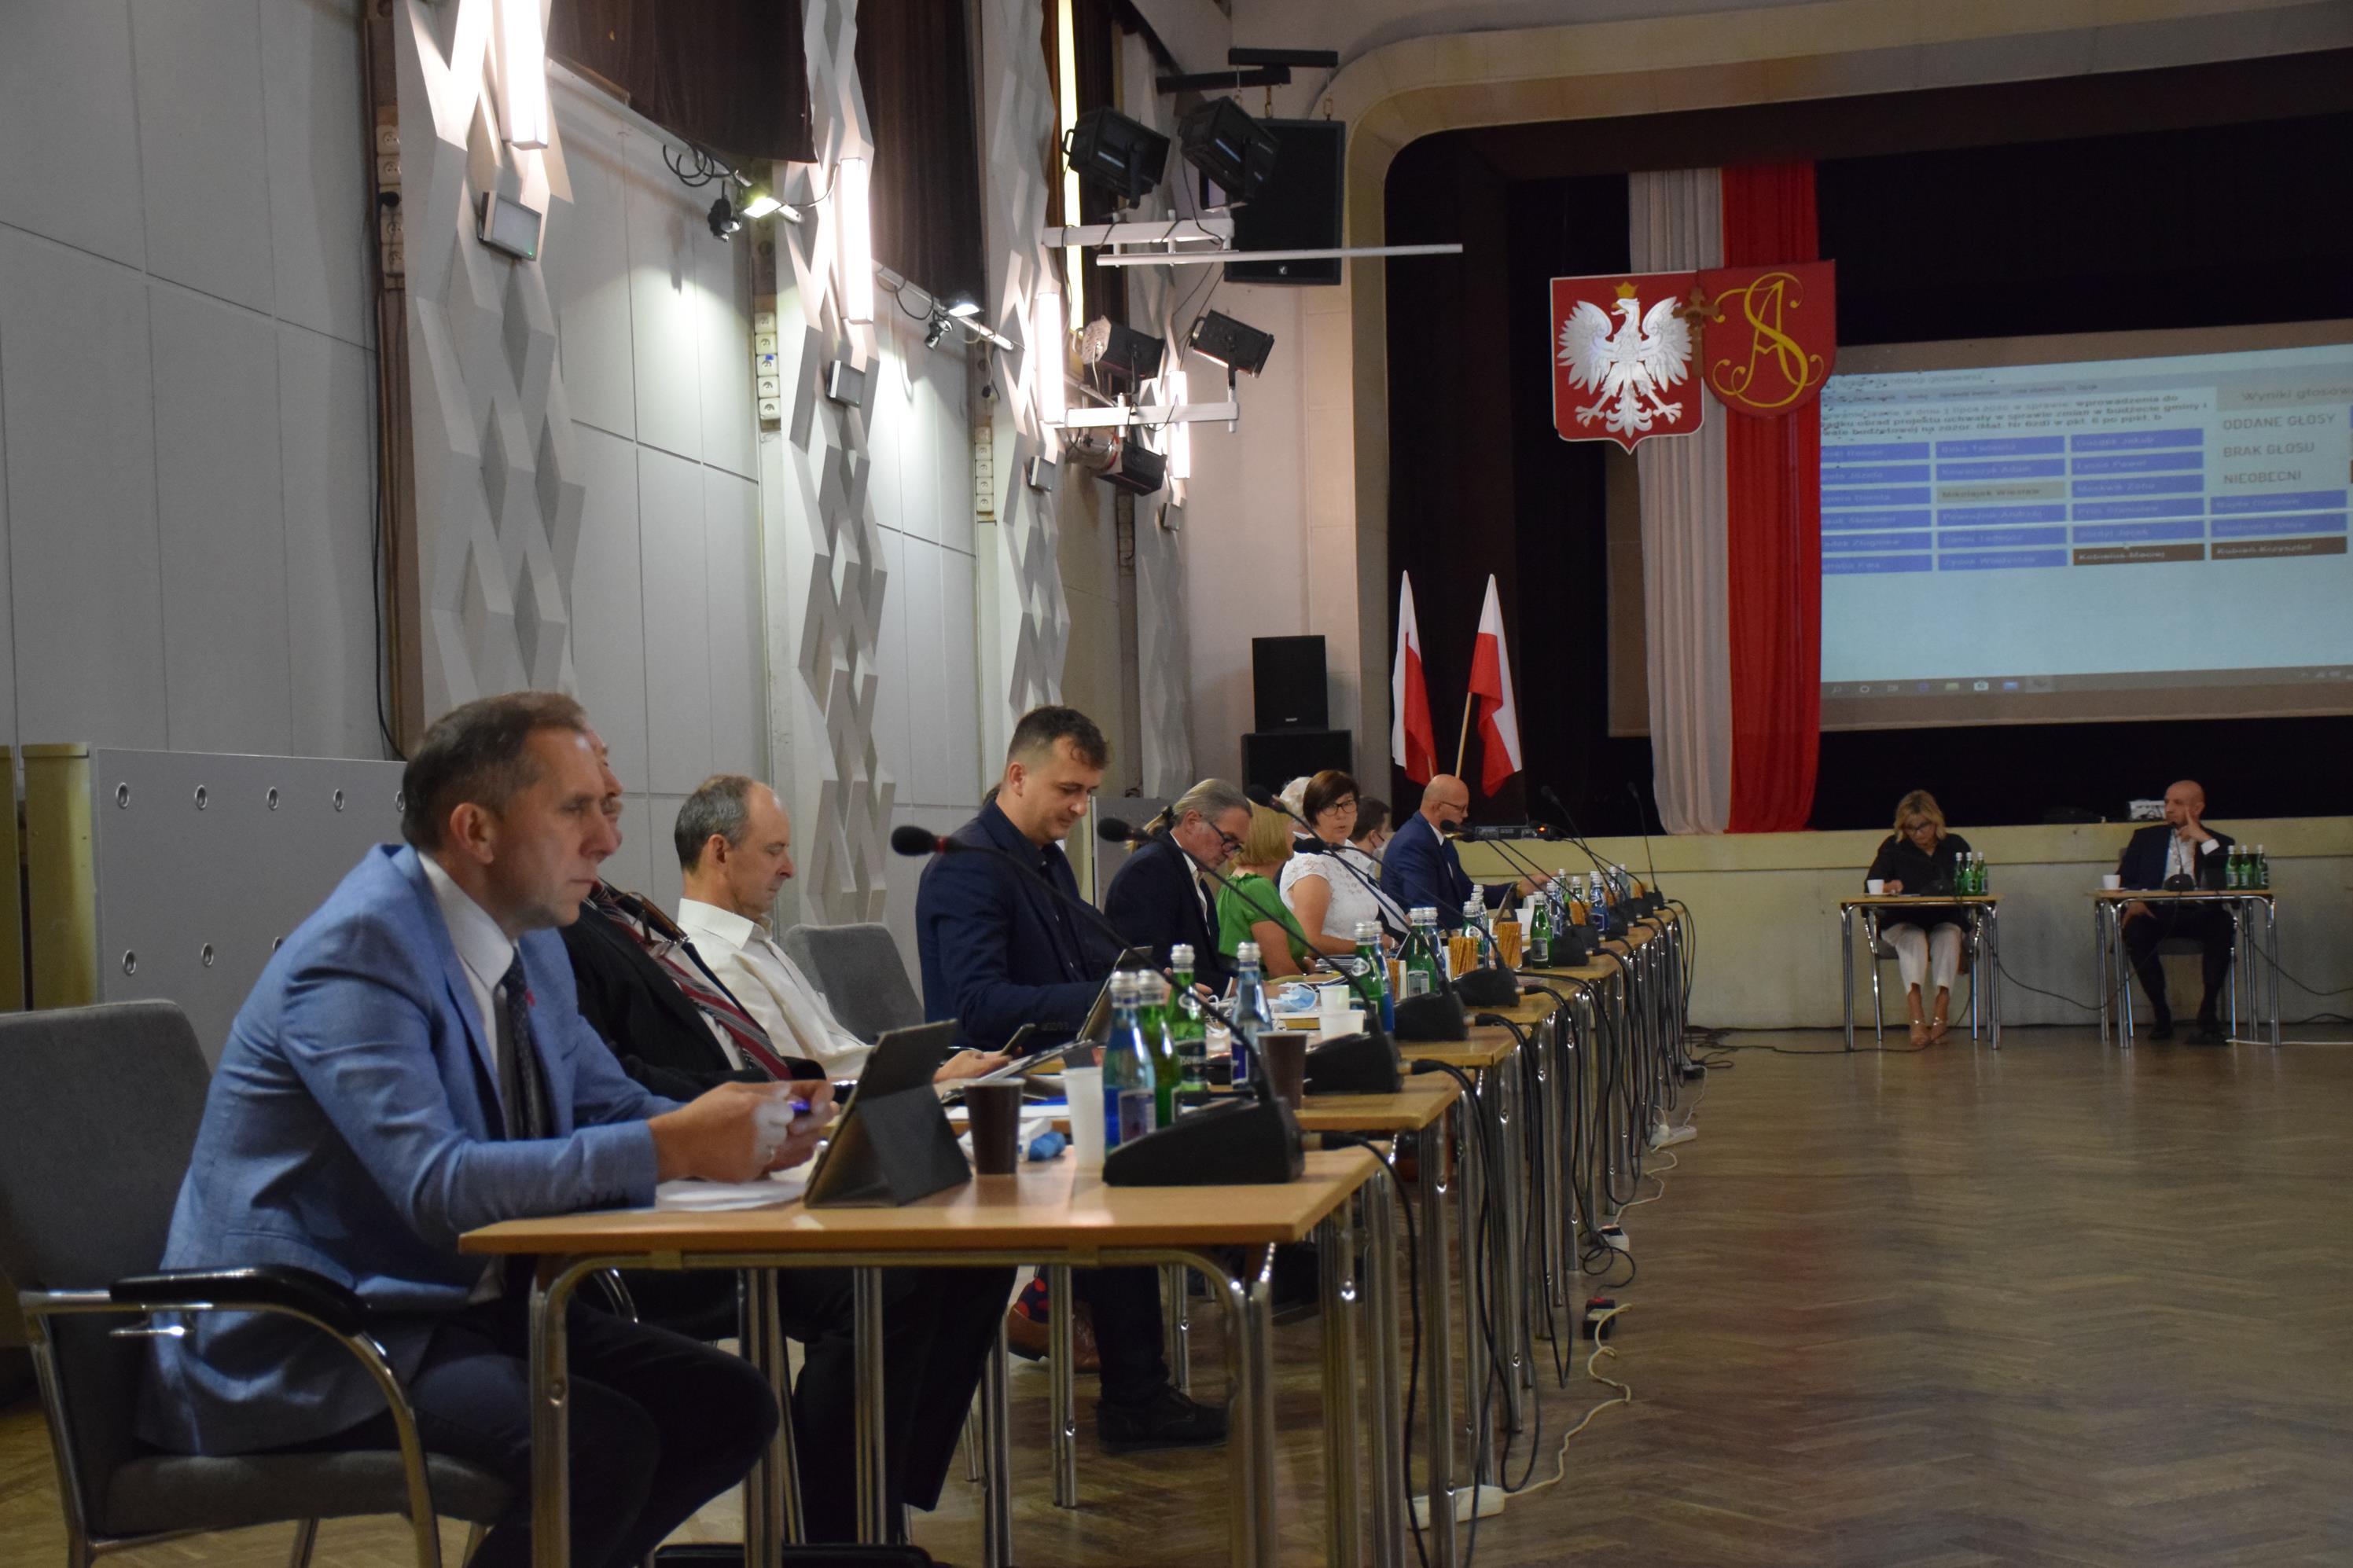 Radni obradują w domu kultury nad stanem gminy i wotum zaufania dla burmistrza